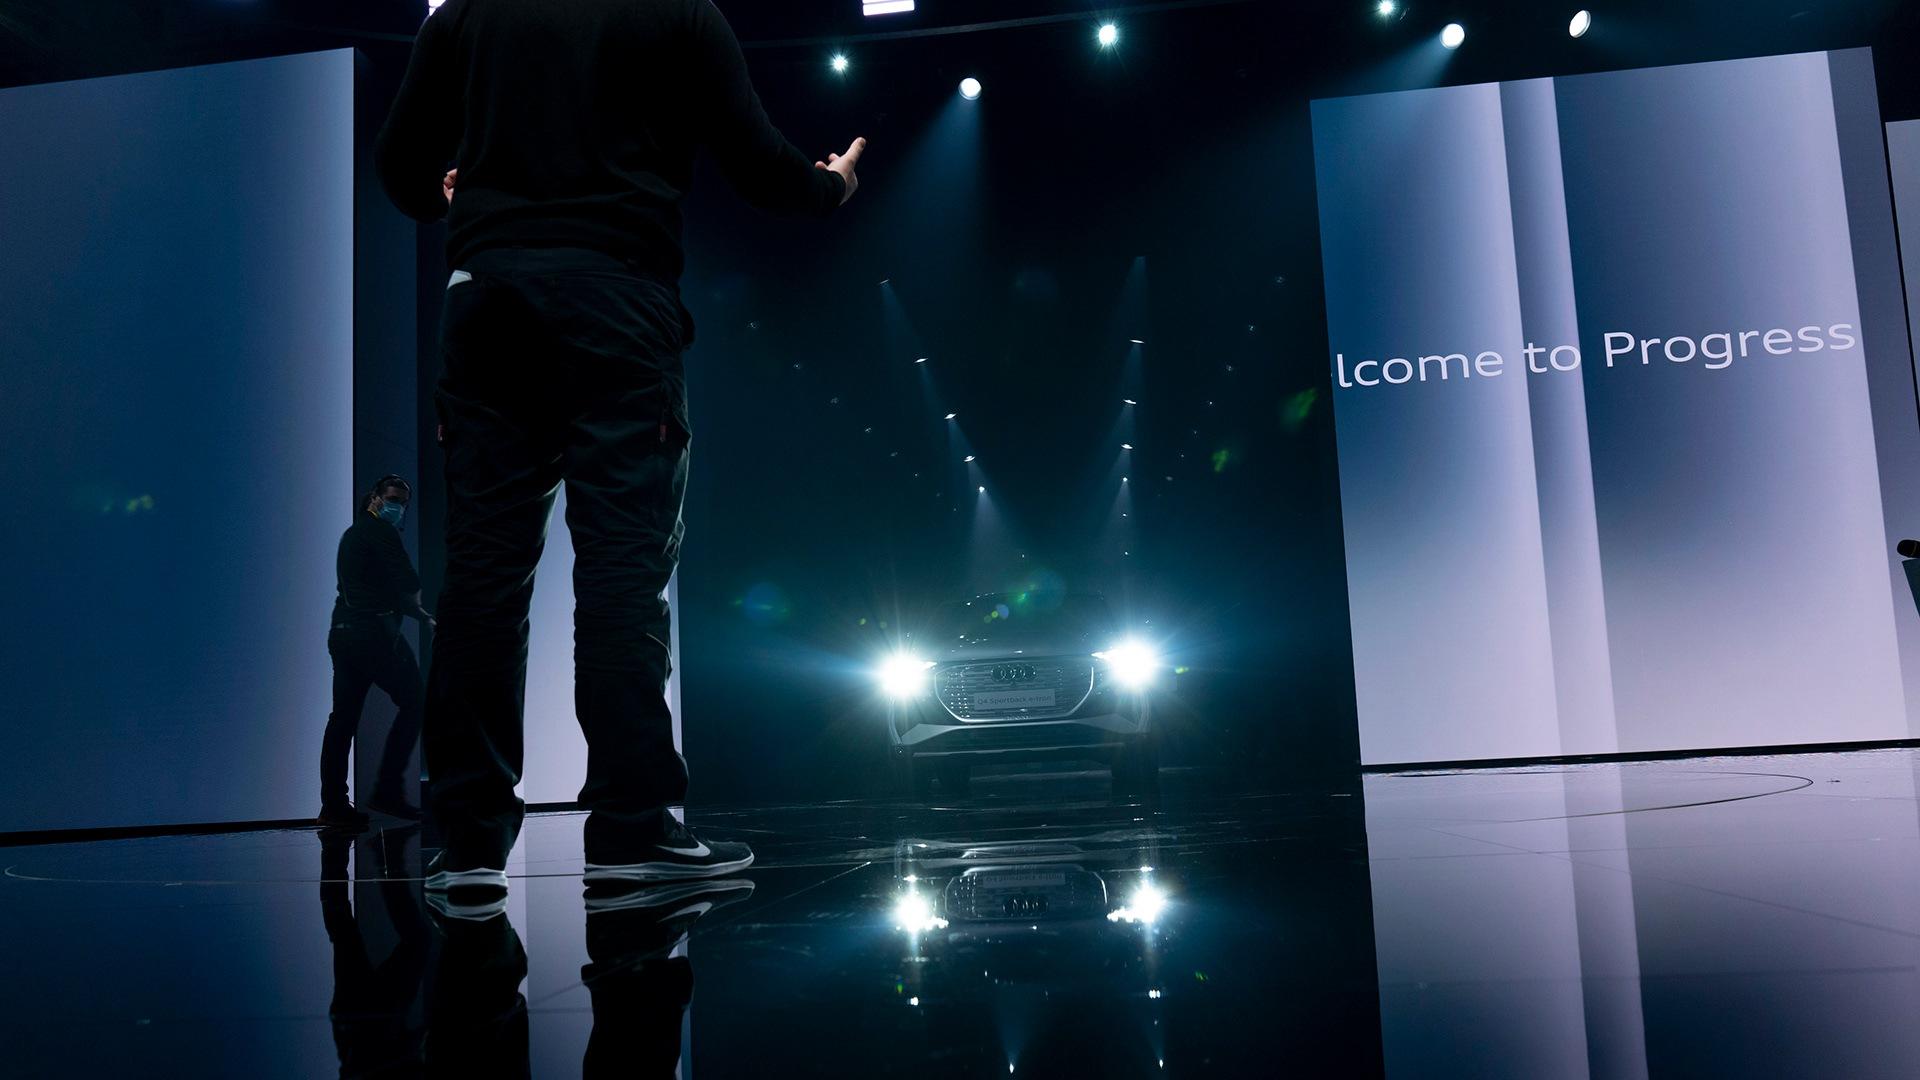 Občinstvo je čakalo trenutek svetovne premiere 14. aprila: oder je pripravljen na vstop Audija Q4 e-tron.